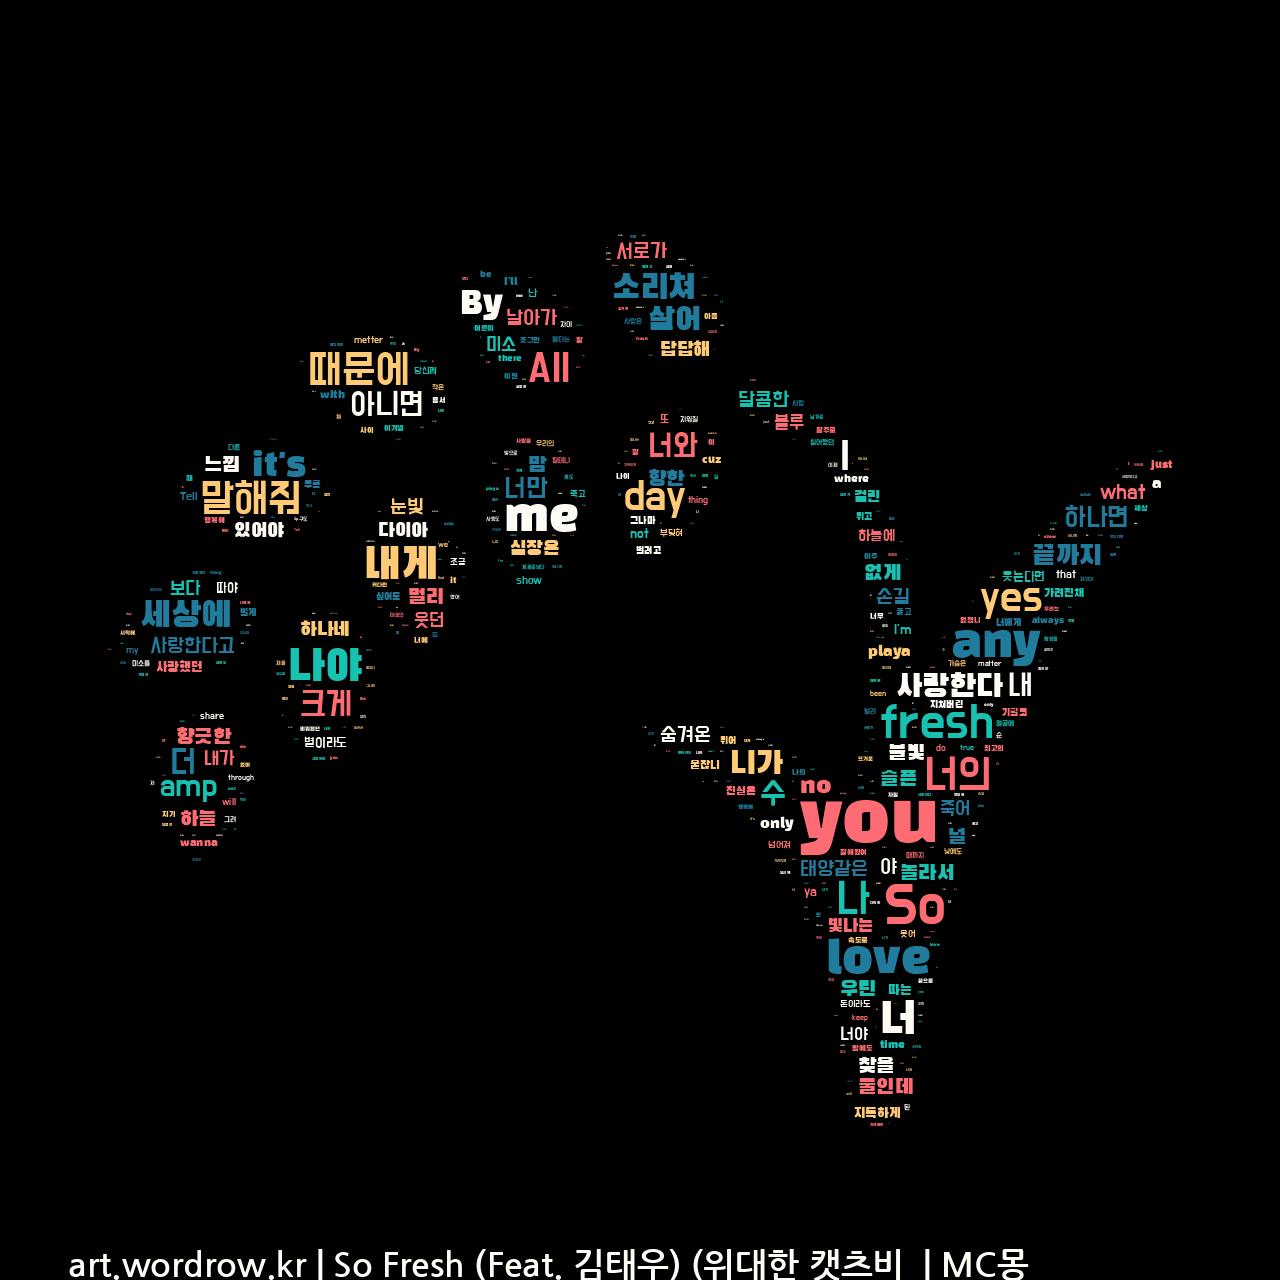 워드 클라우드: So Fresh (Feat. 김태우) (위대한 캣츠비 OST 삽입곡) [MC몽]-71